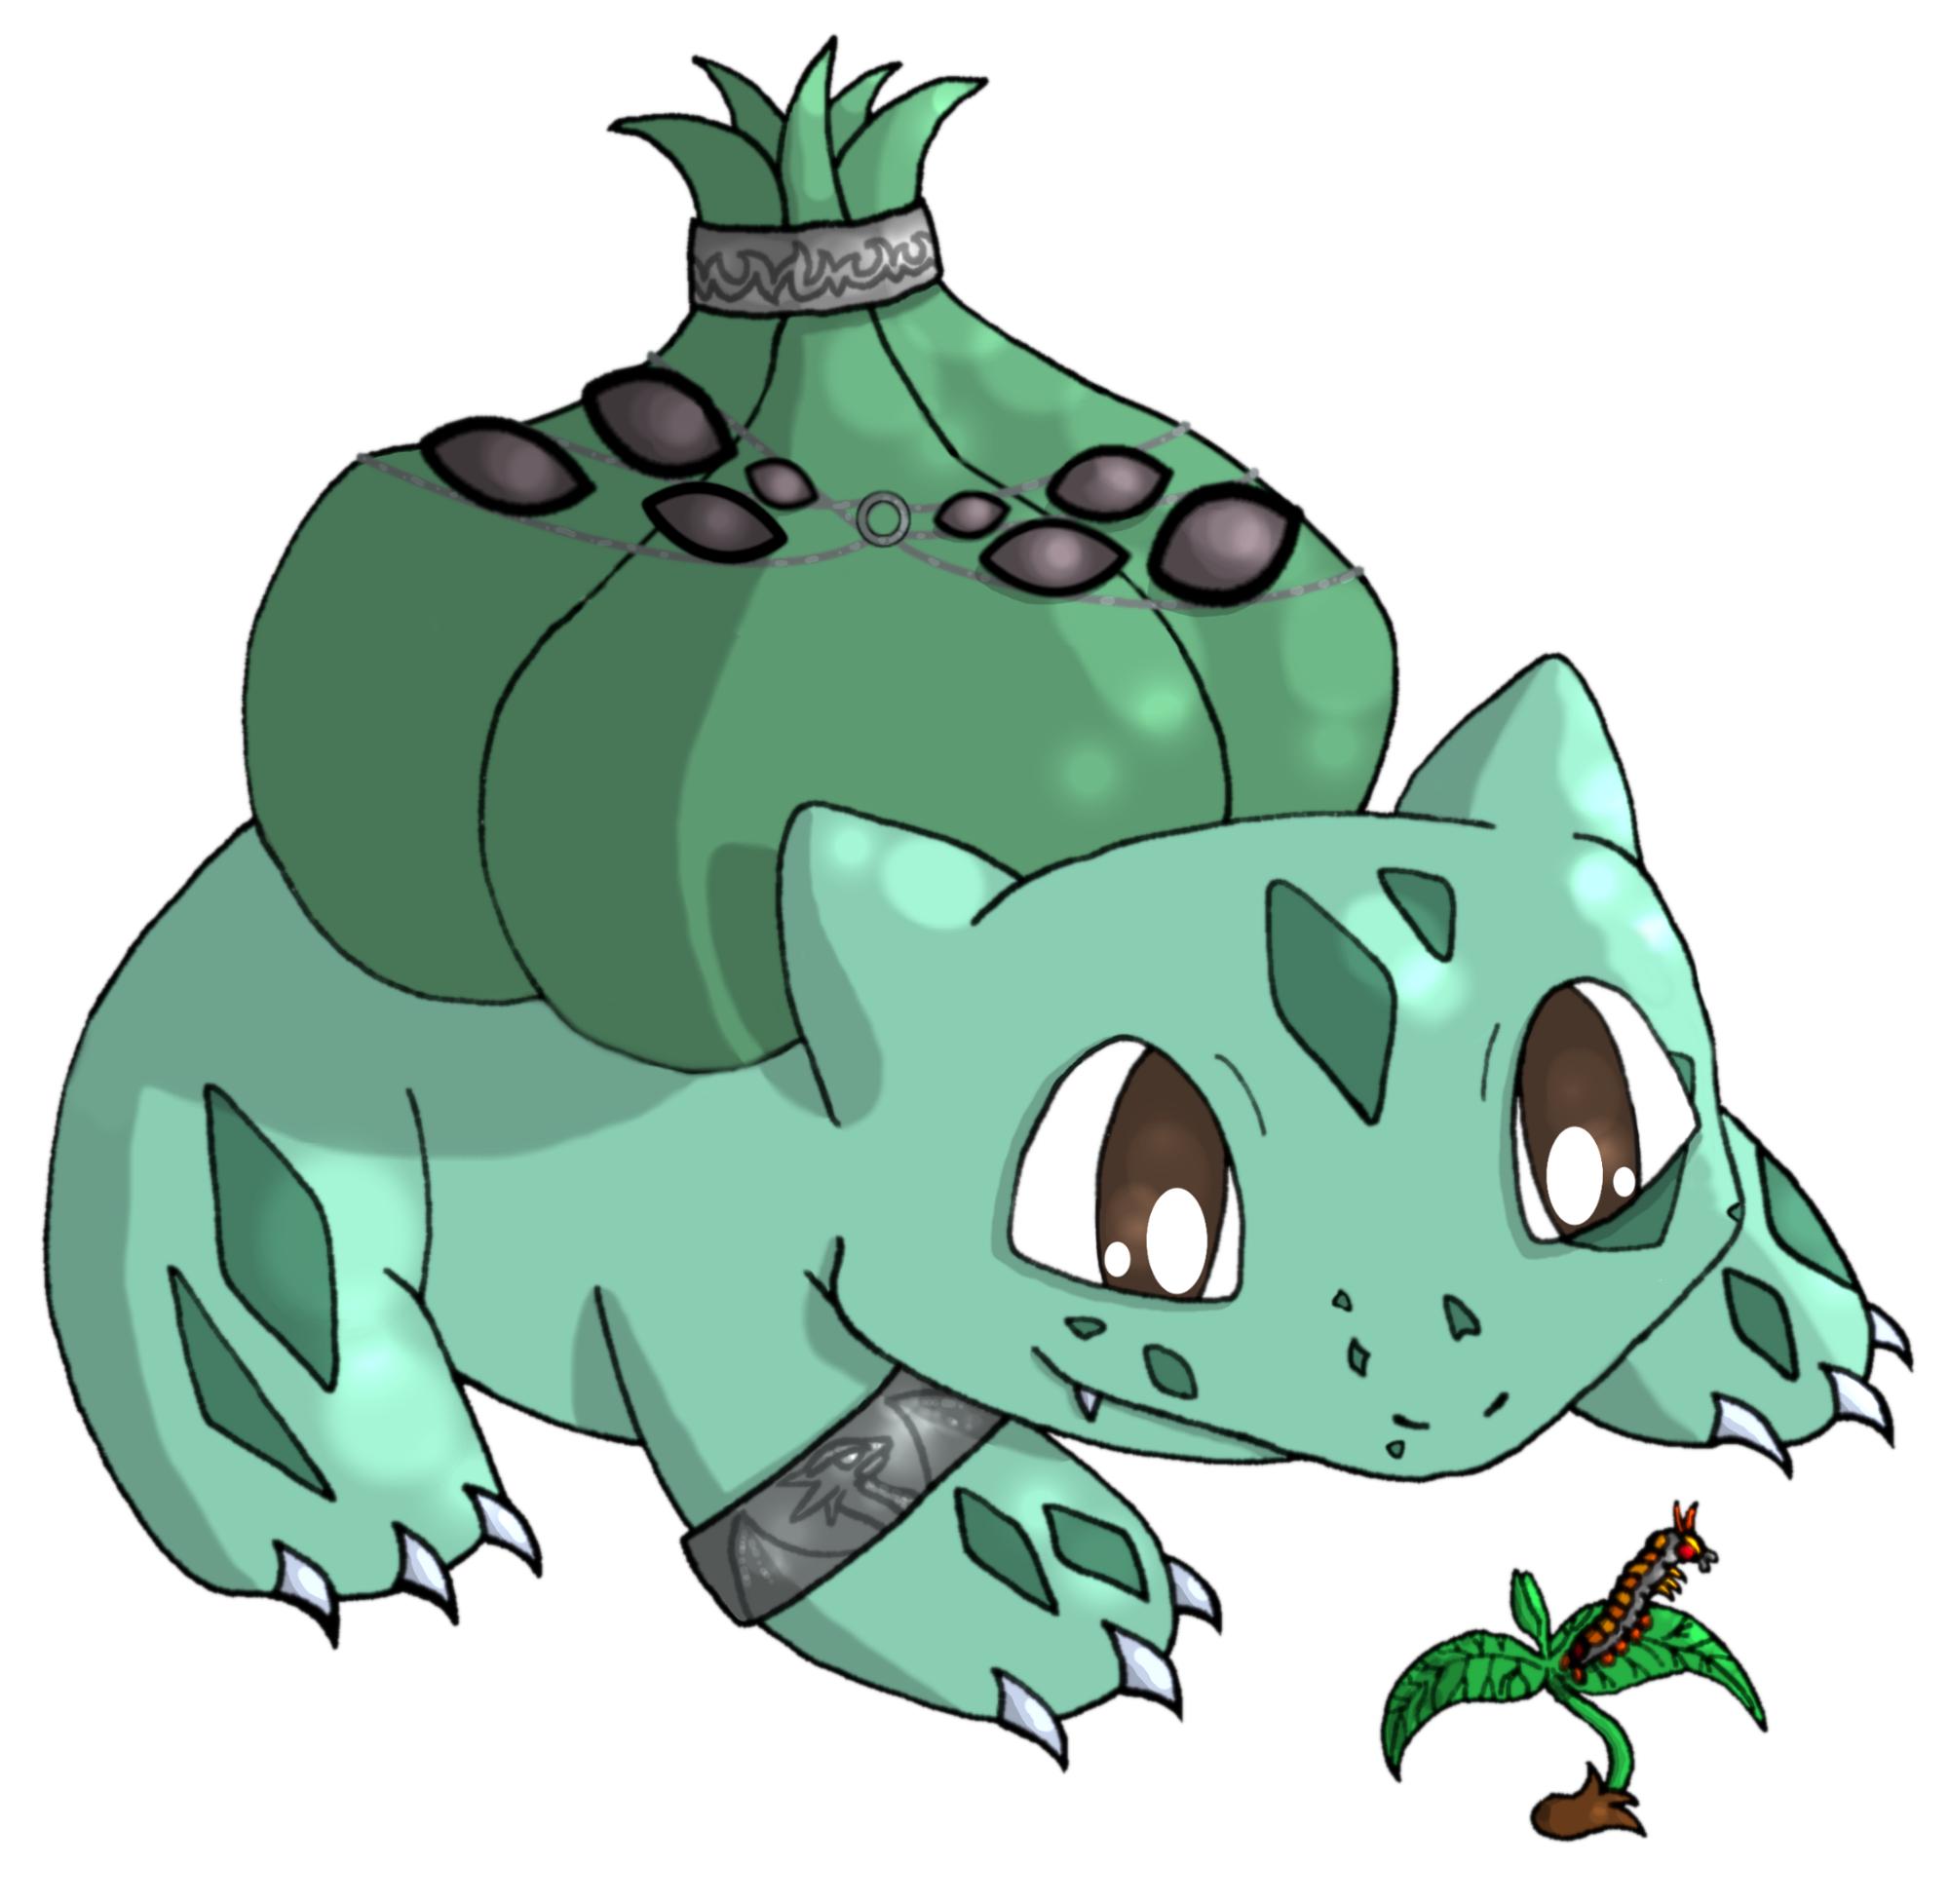 Pokémon-Zeichnung: Wonder of Life